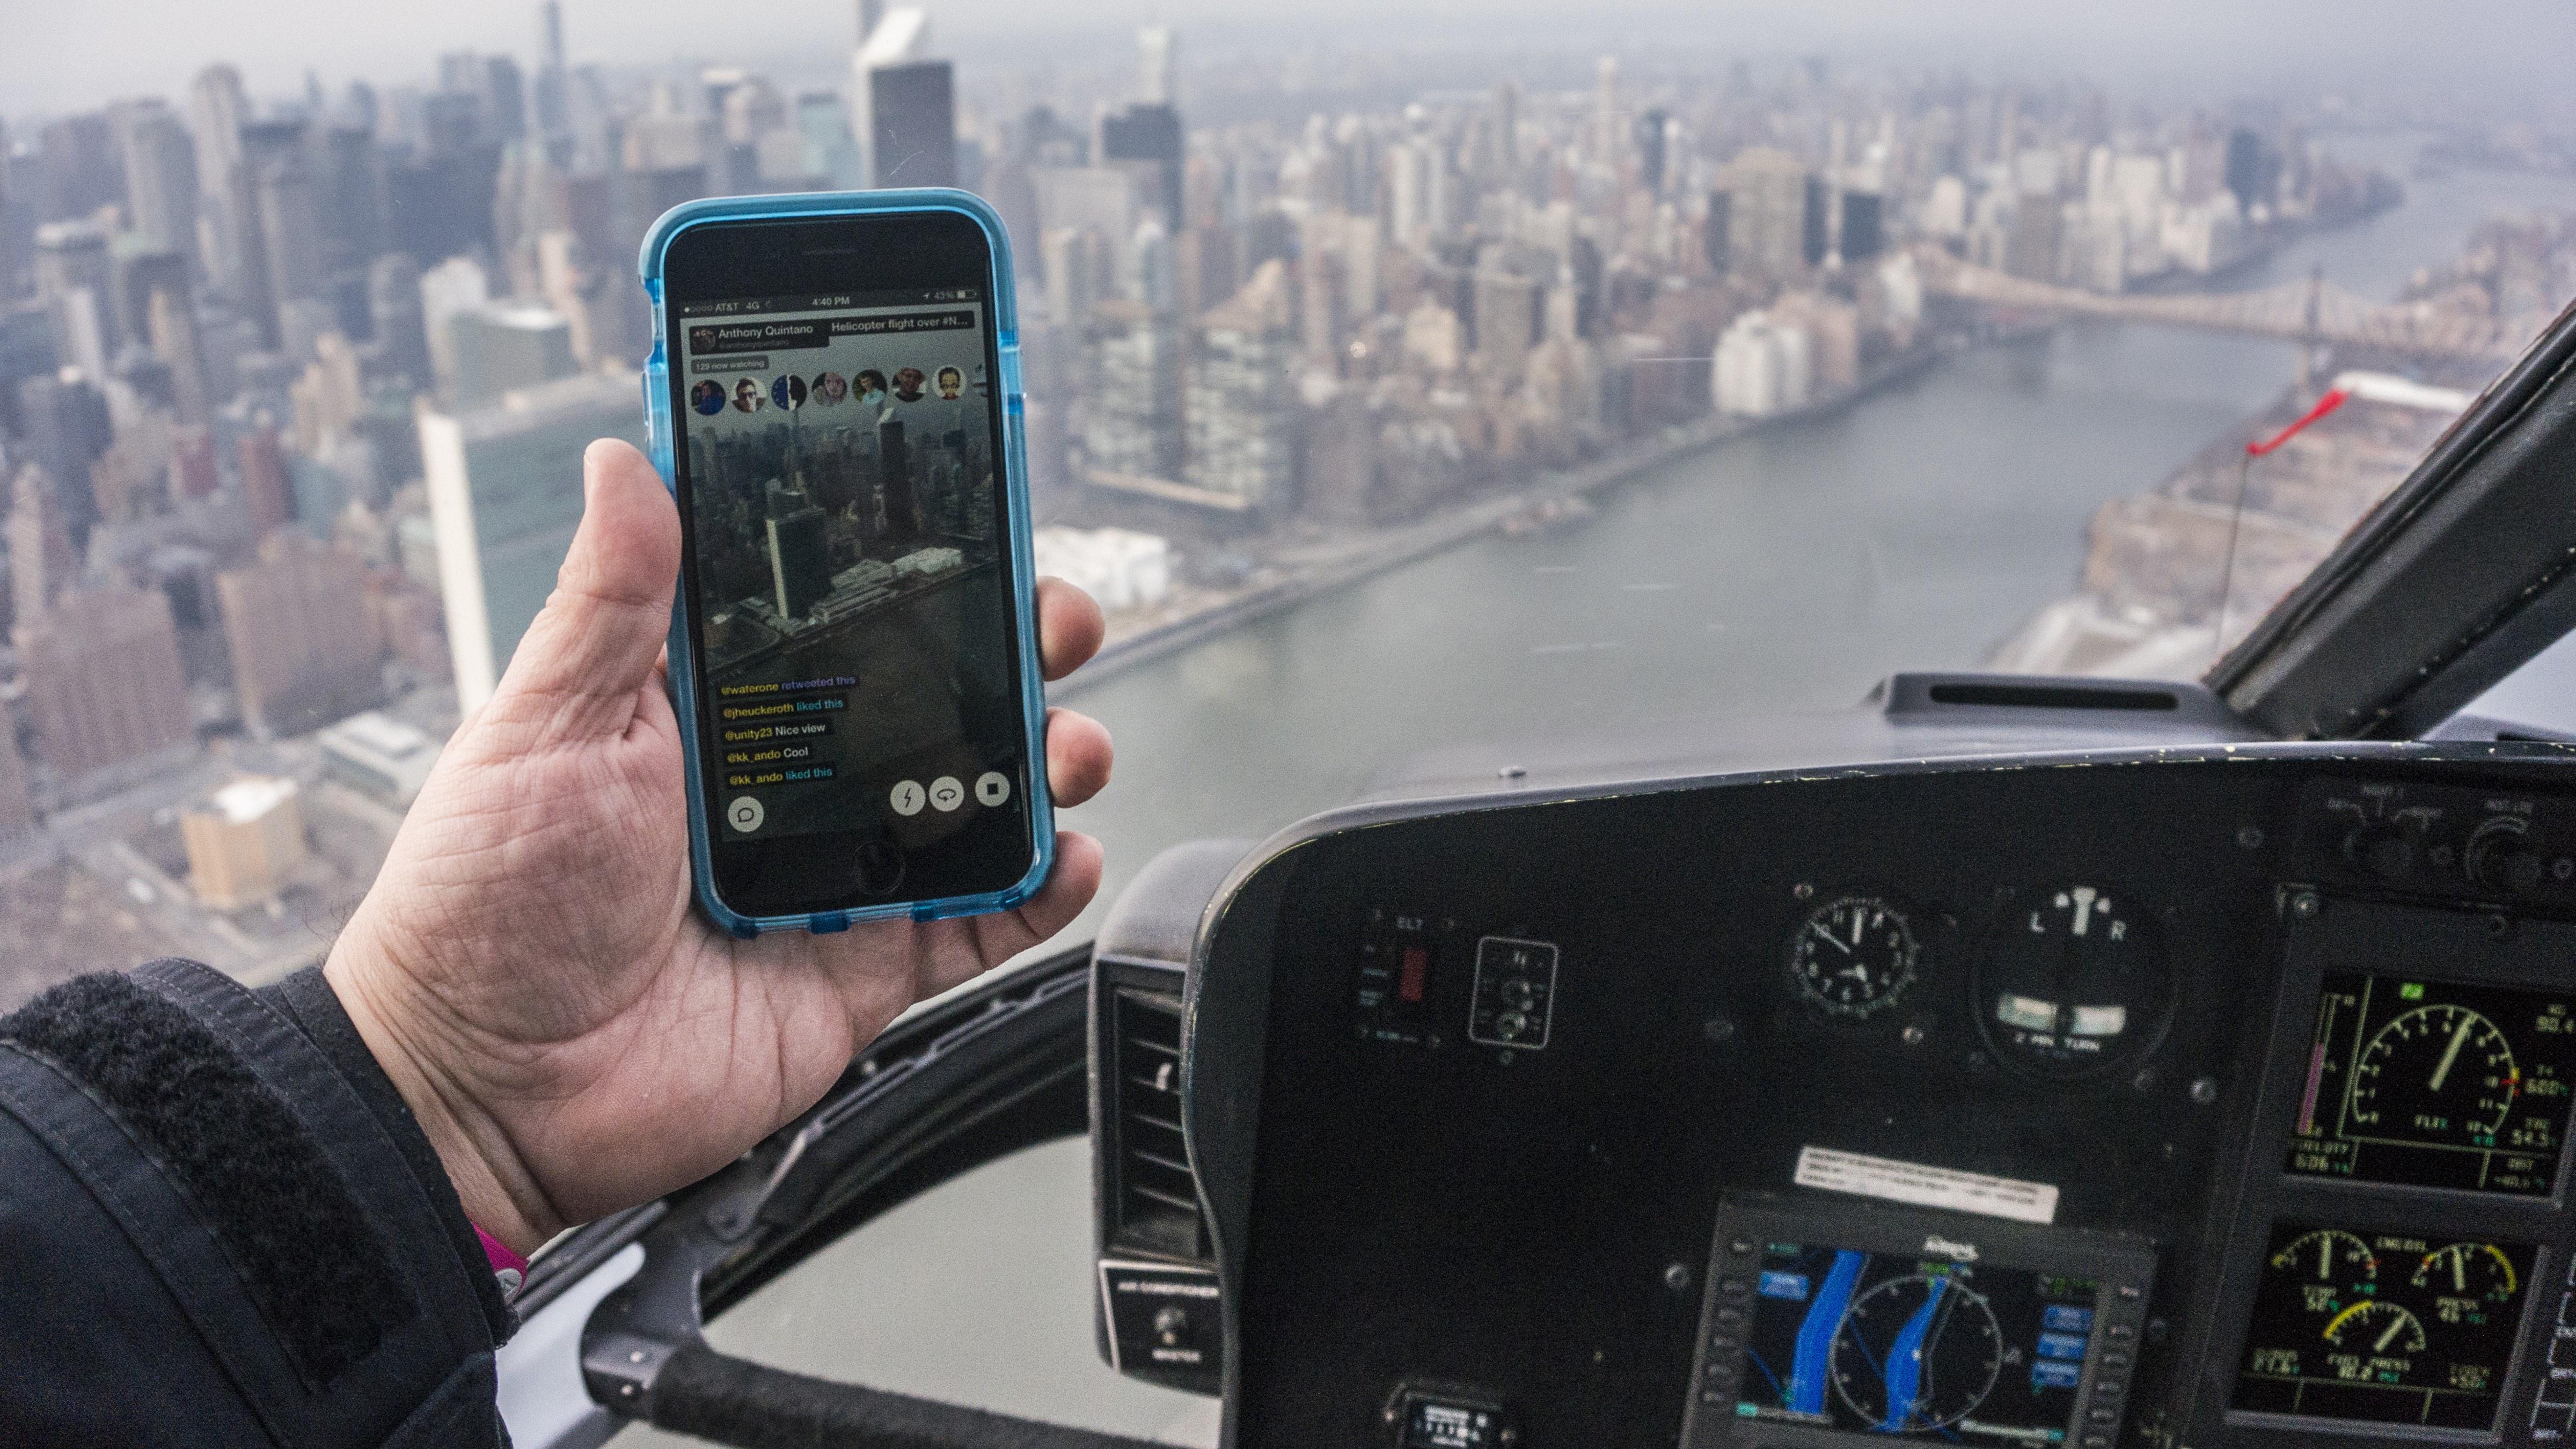 Meerkat NYC helicopter